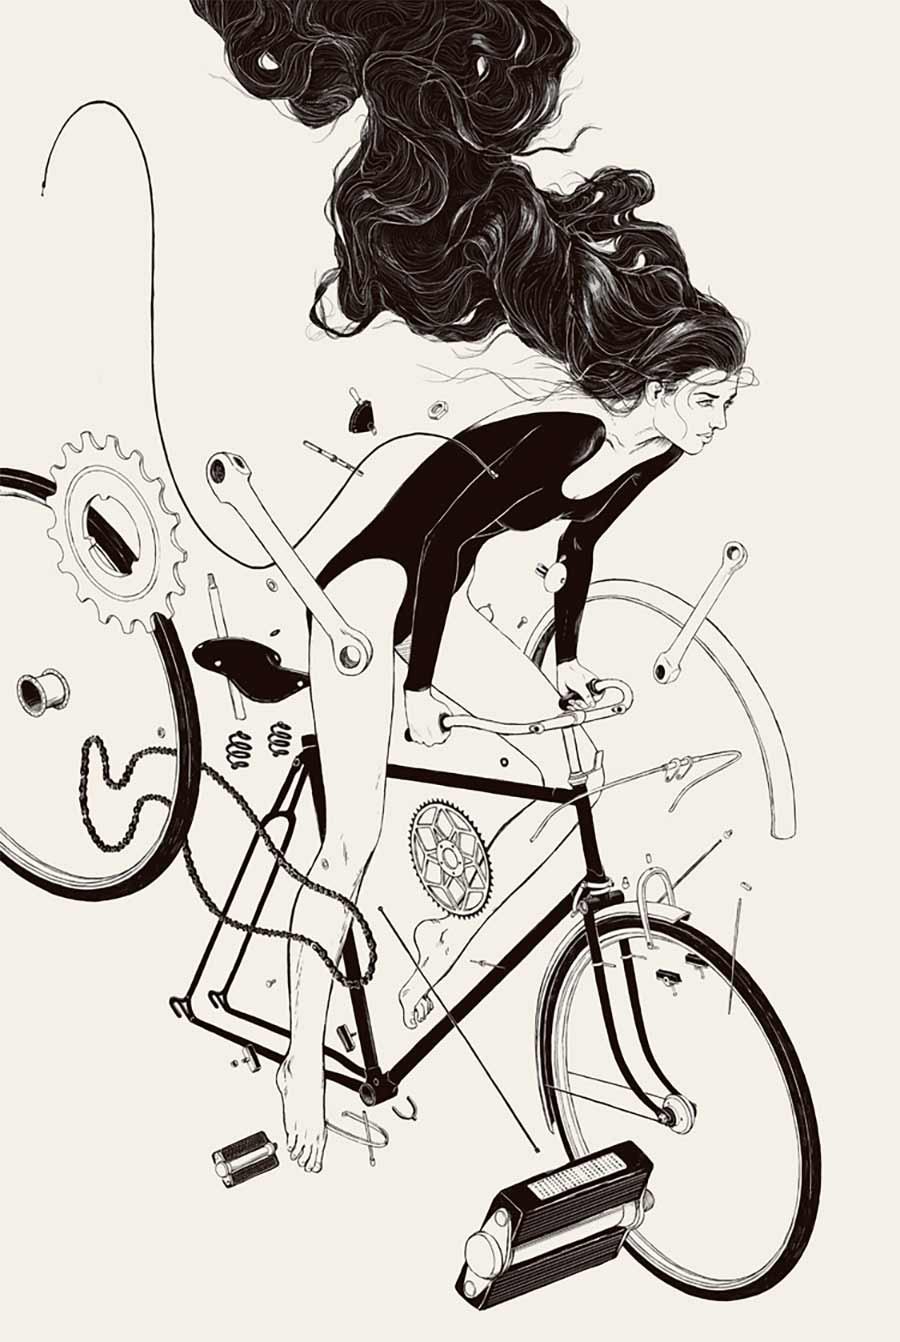 Zeichnungen: Anton Marrast Anton-Marrast-zeichnungen_10